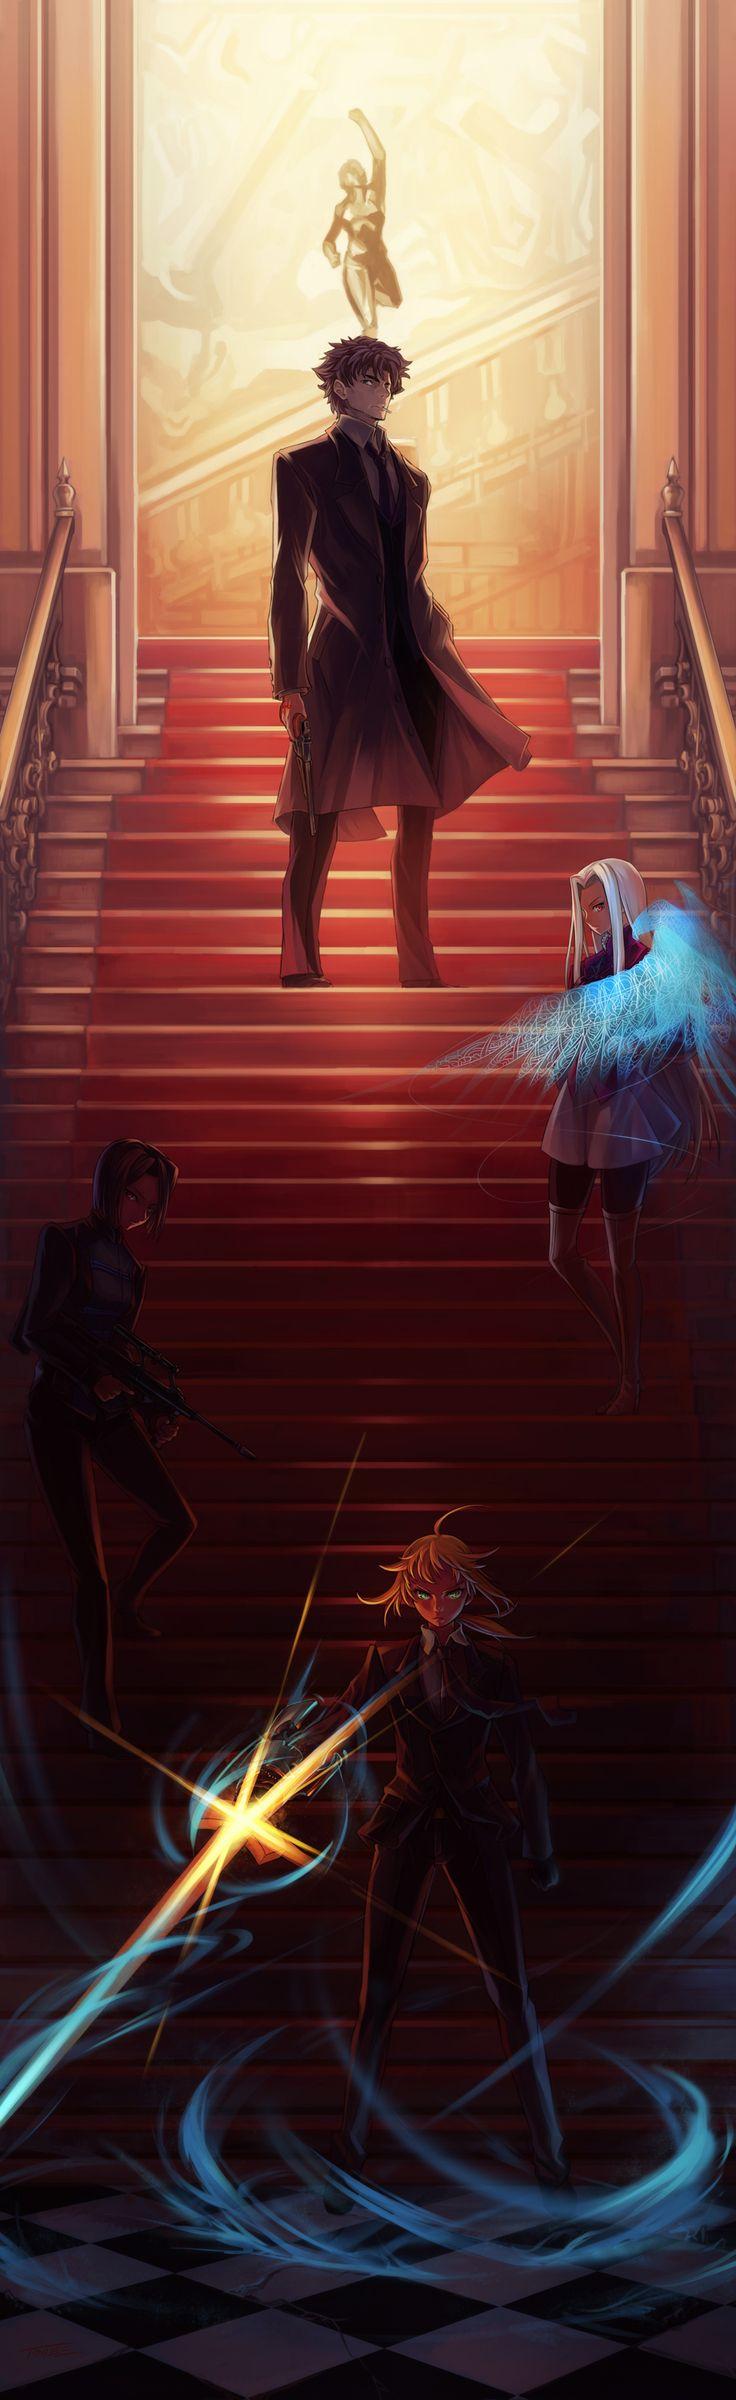 Fanart, Saber (Fate/stay night), TYPE-MOON, Pixiv, Emiya Kiritsugu, Irisviel von Einzbern, Fate/zero, Hisau Maiya.